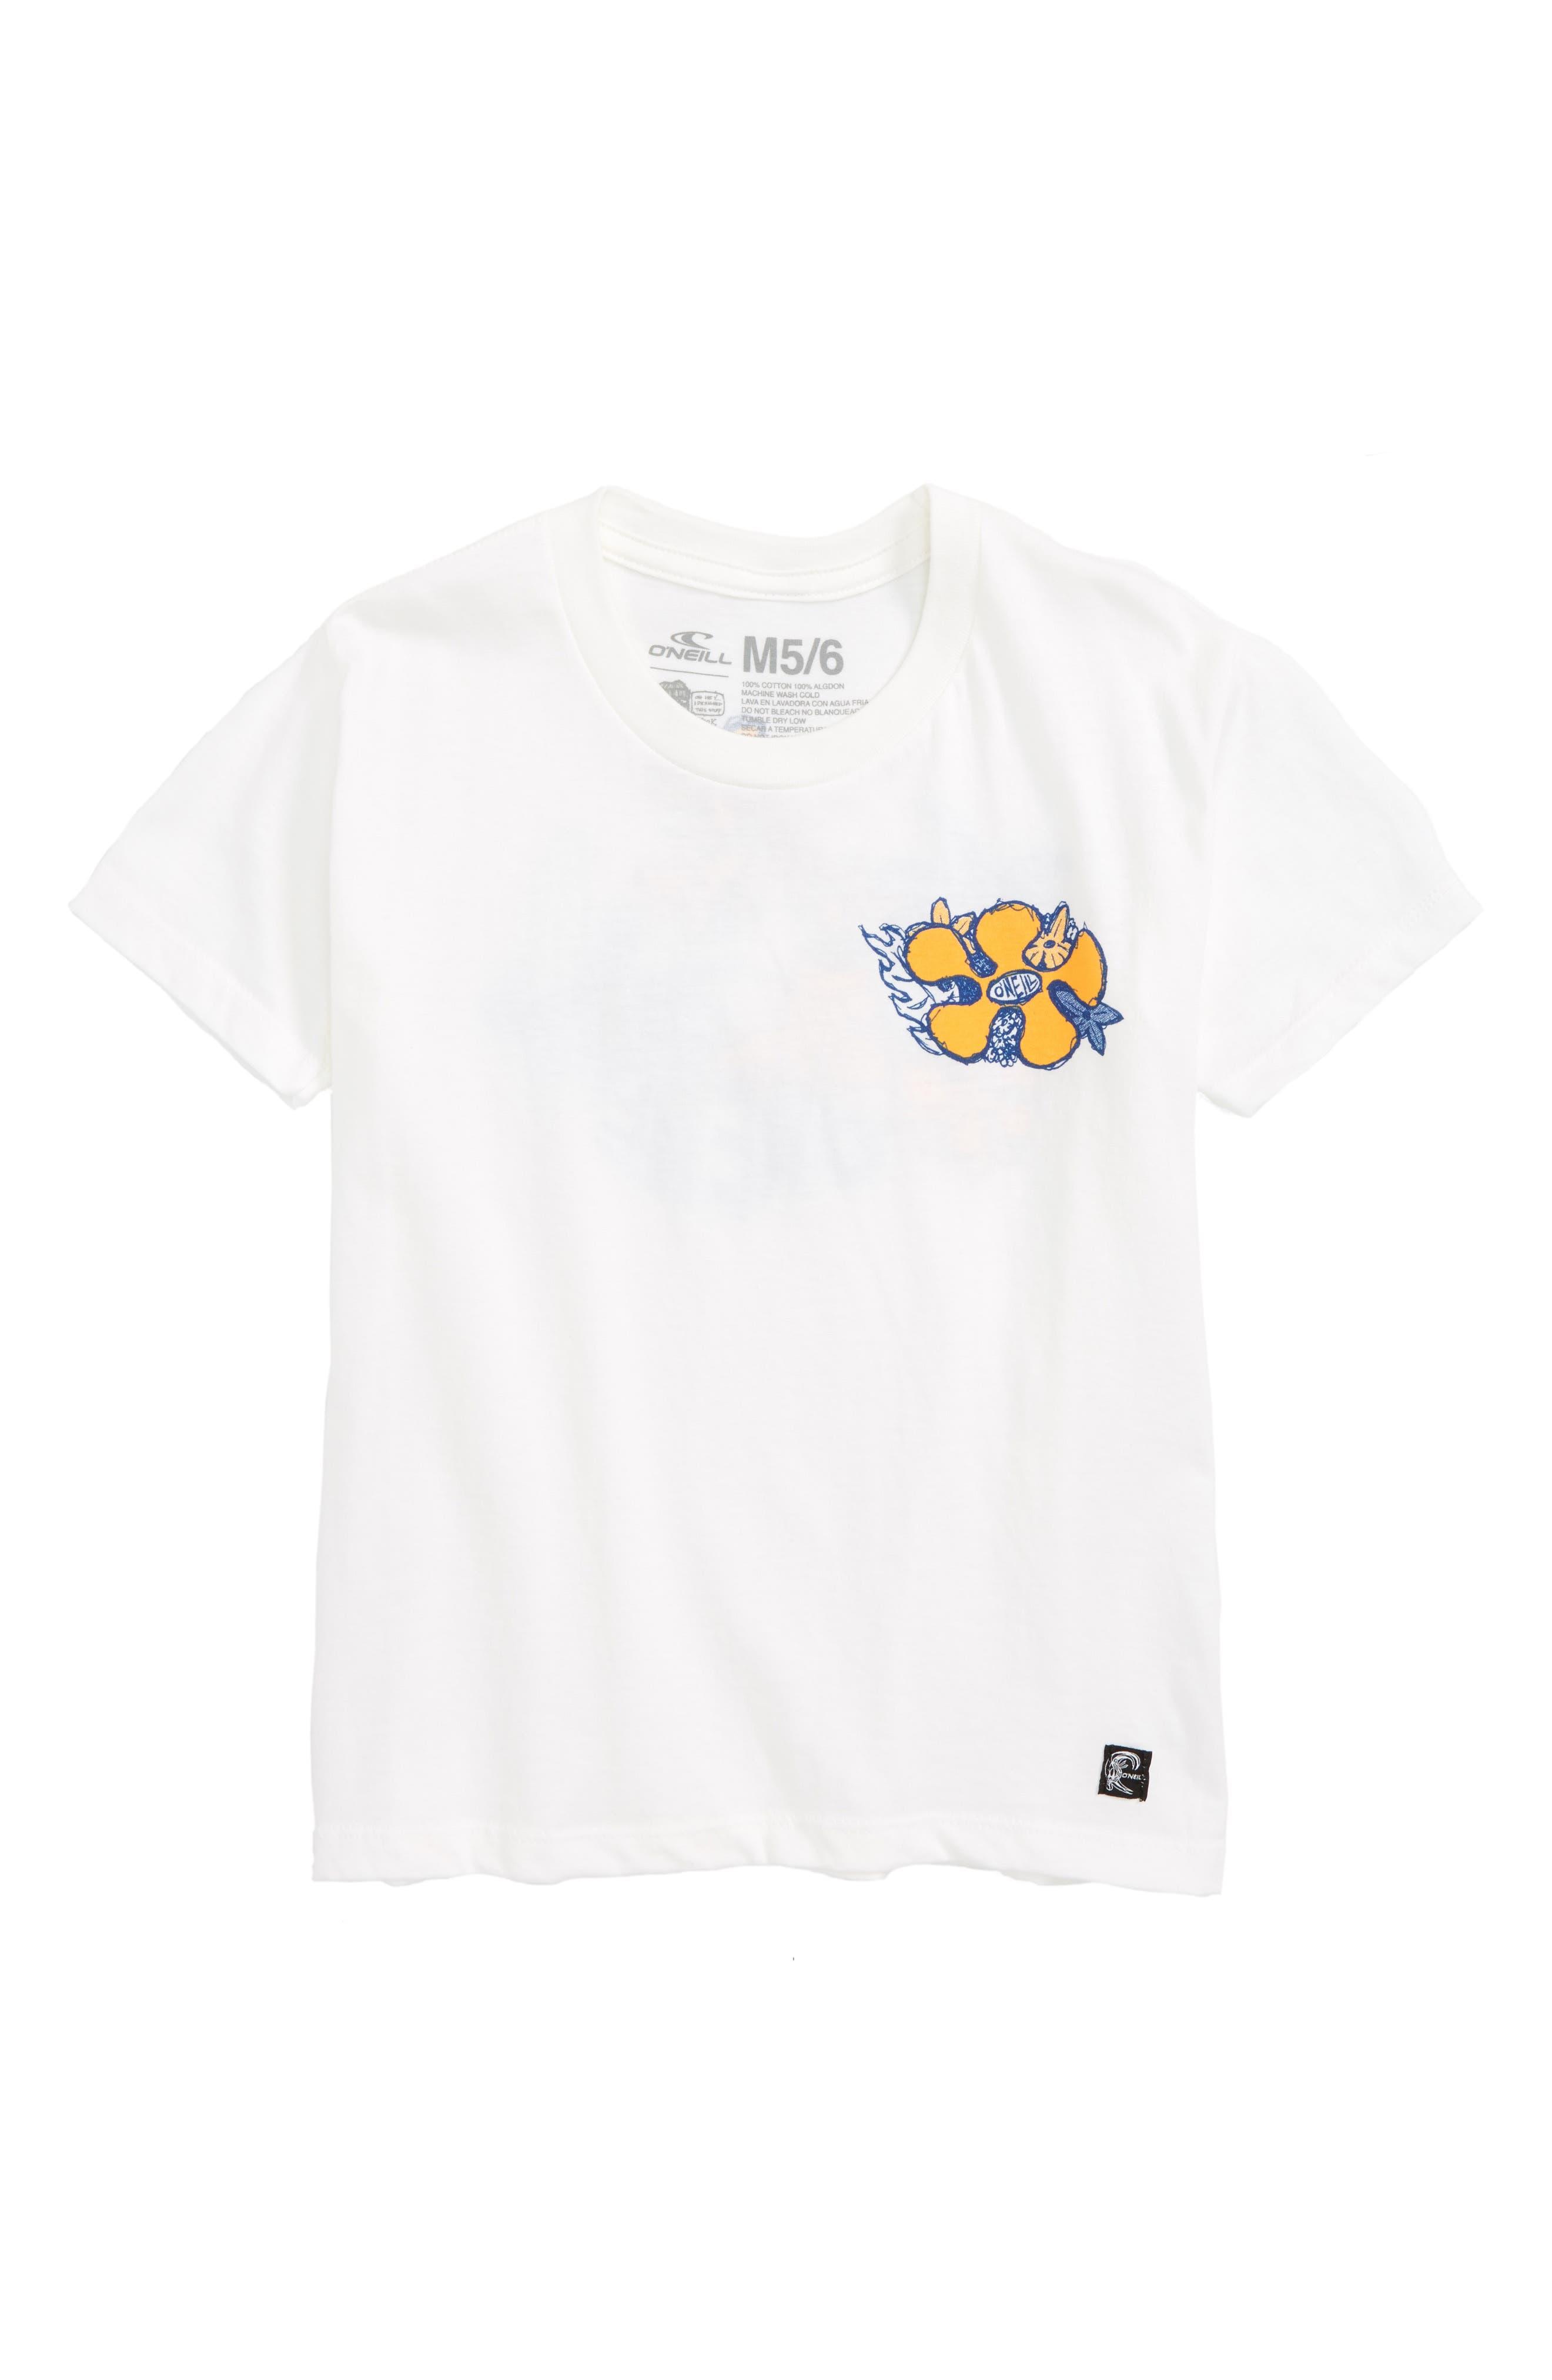 Simich T-Shirt,                         Main,                         color, 100